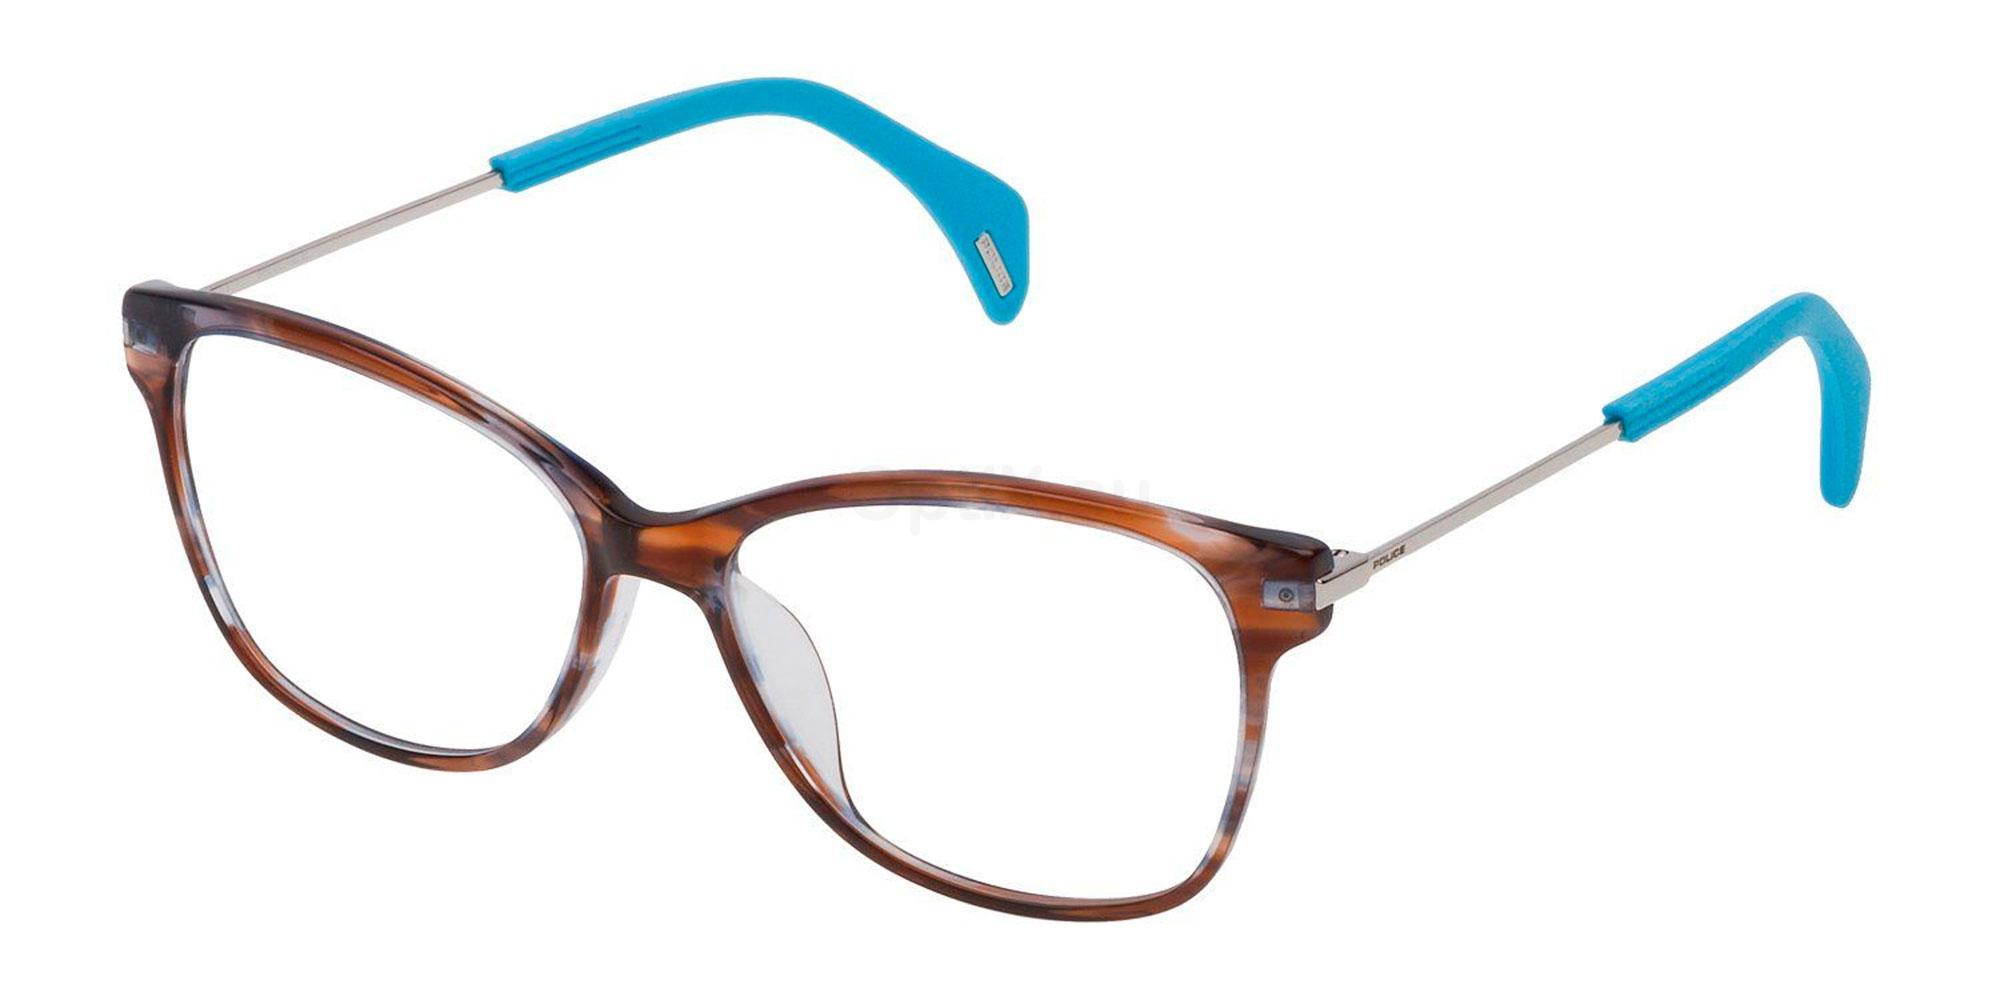 0J22 VPL729 Glasses, Police